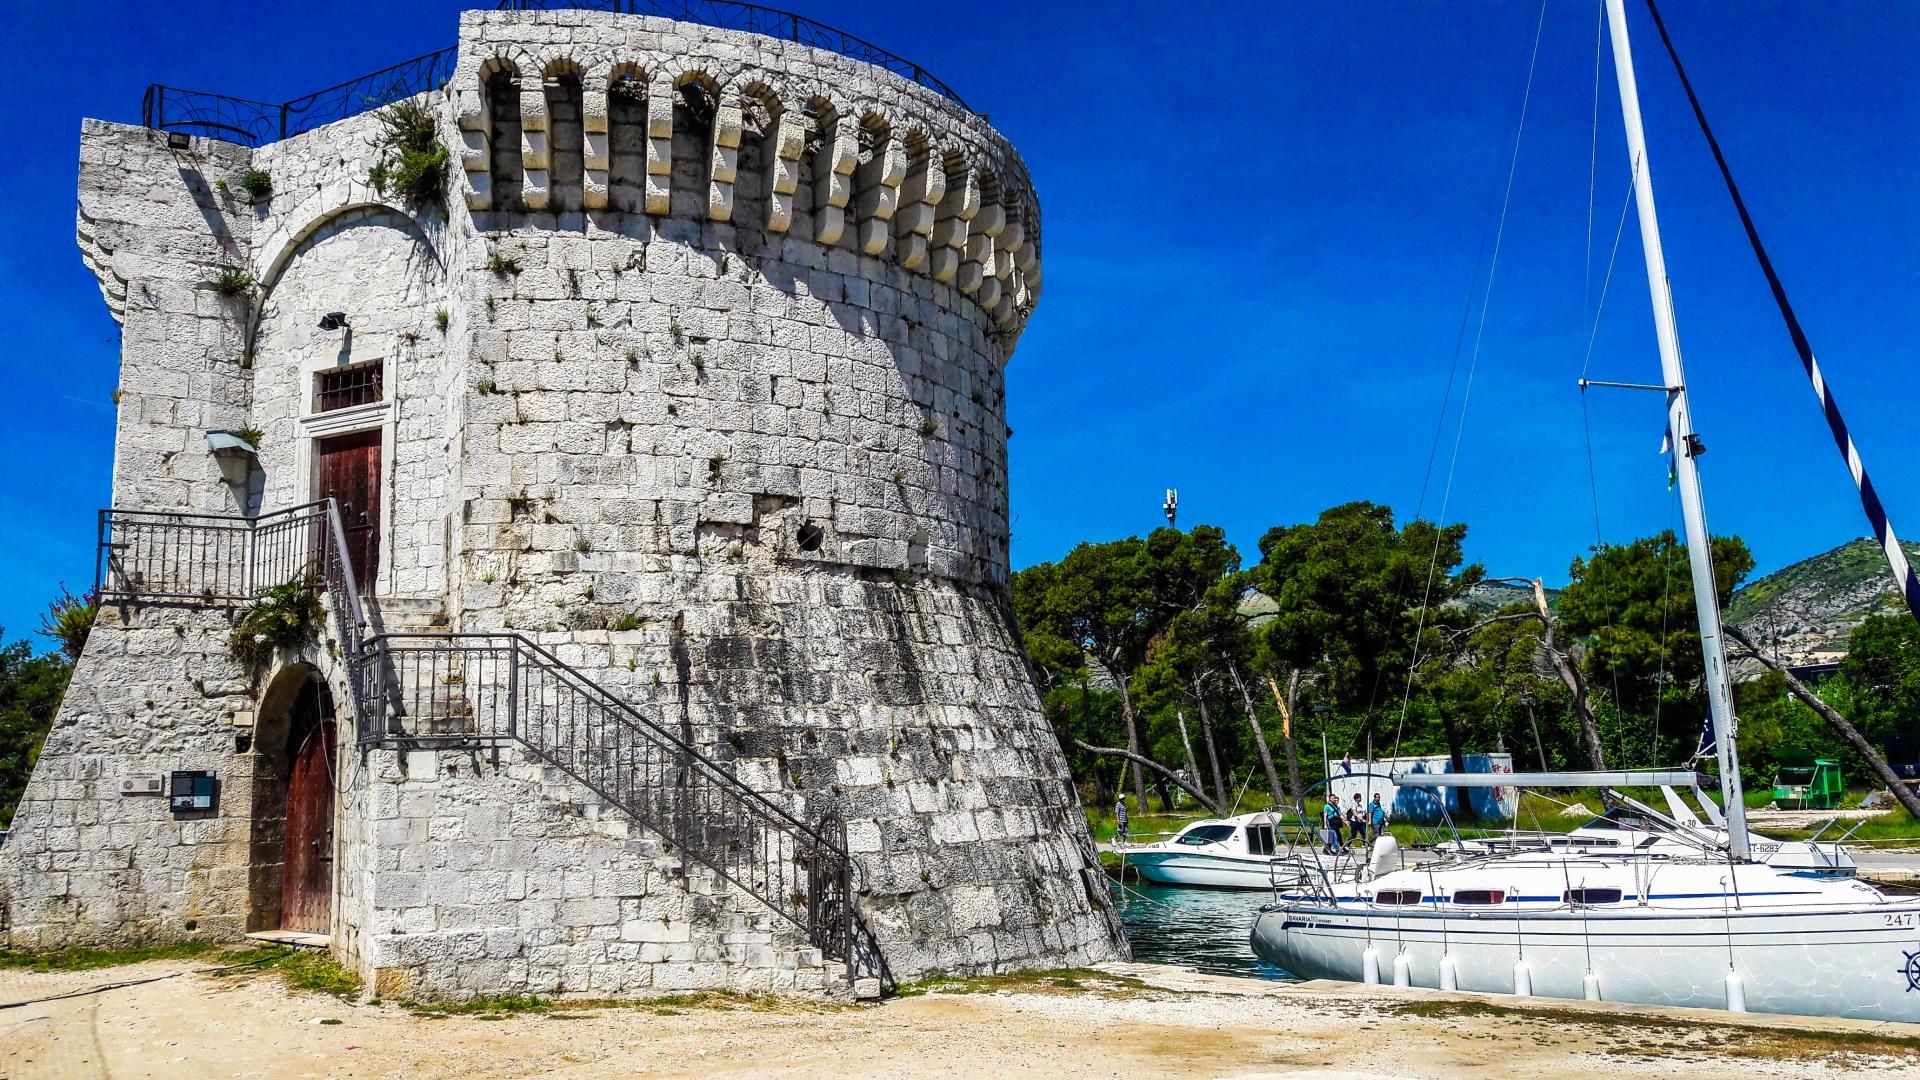 Visiter Trogir - Croatie